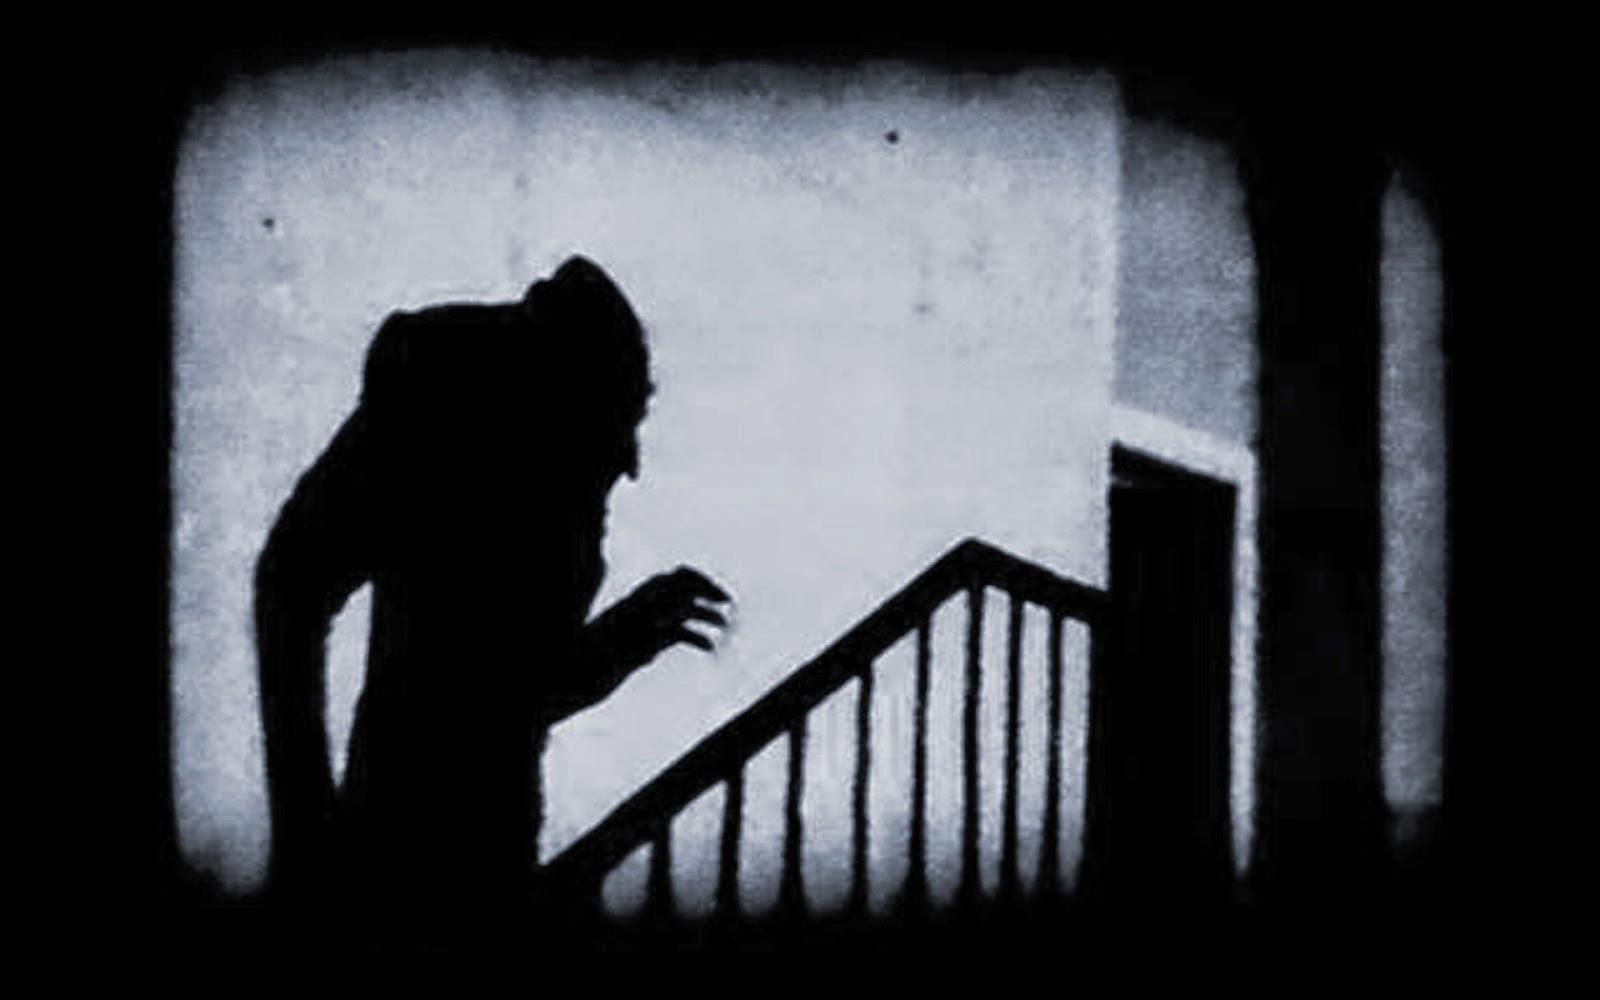 Nosferatu, sessão musicada por Skrotes